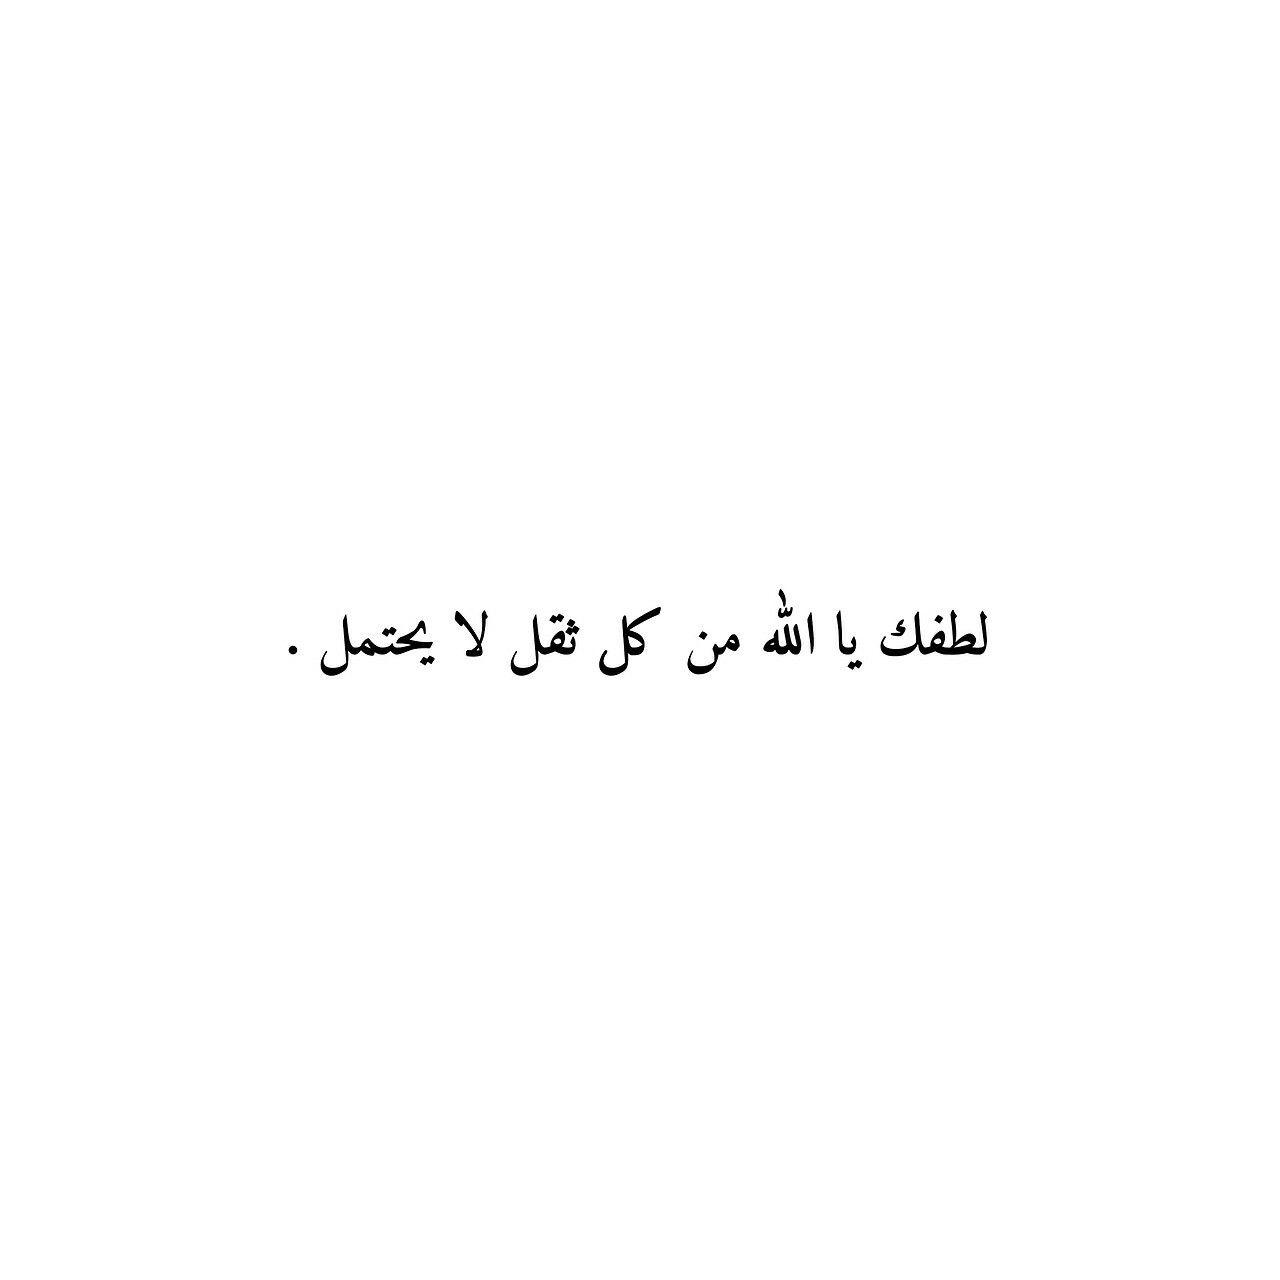 لطفك يااااا الله Wisdom Quotes Life Talking Quotes Beautiful Quran Quotes